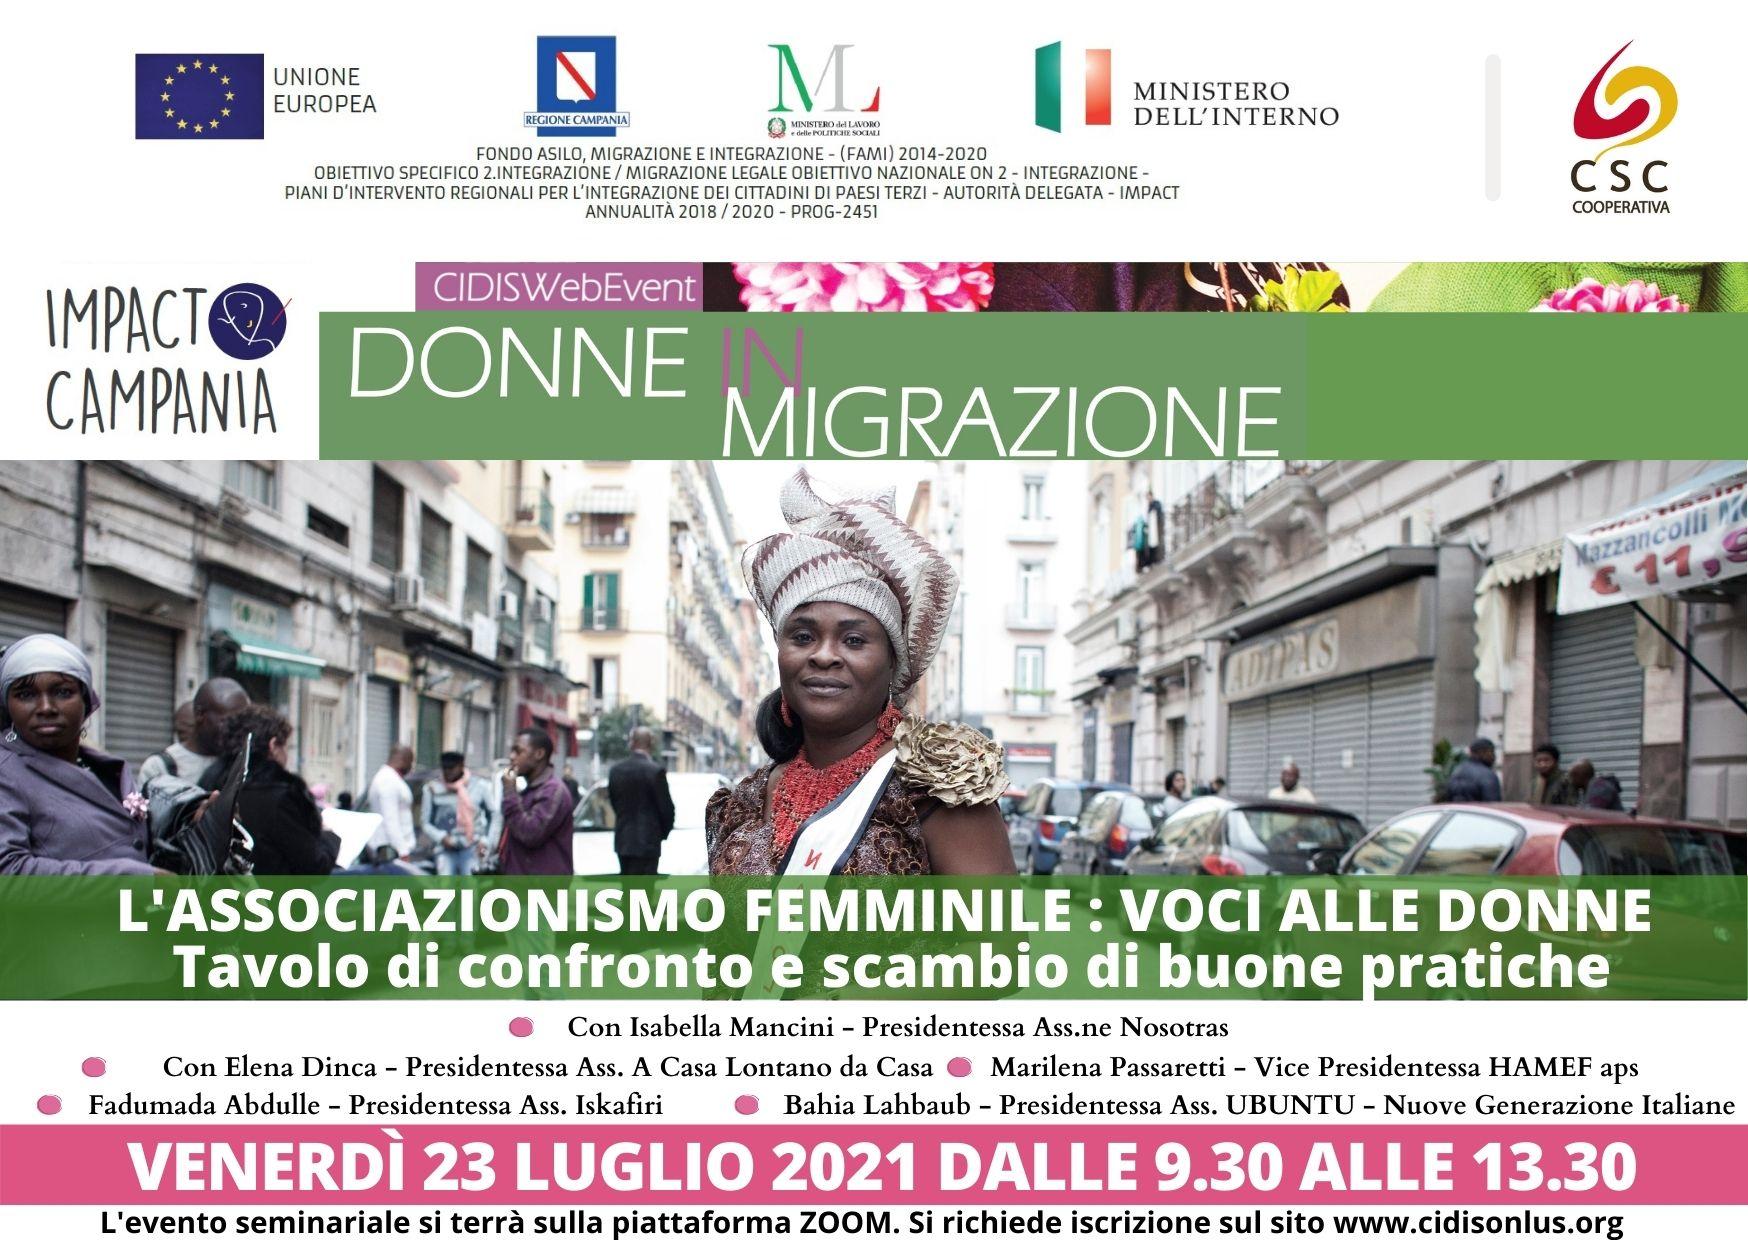 Donne in migrazione: ultimi due incontri di confronto e scambio buone pratiche